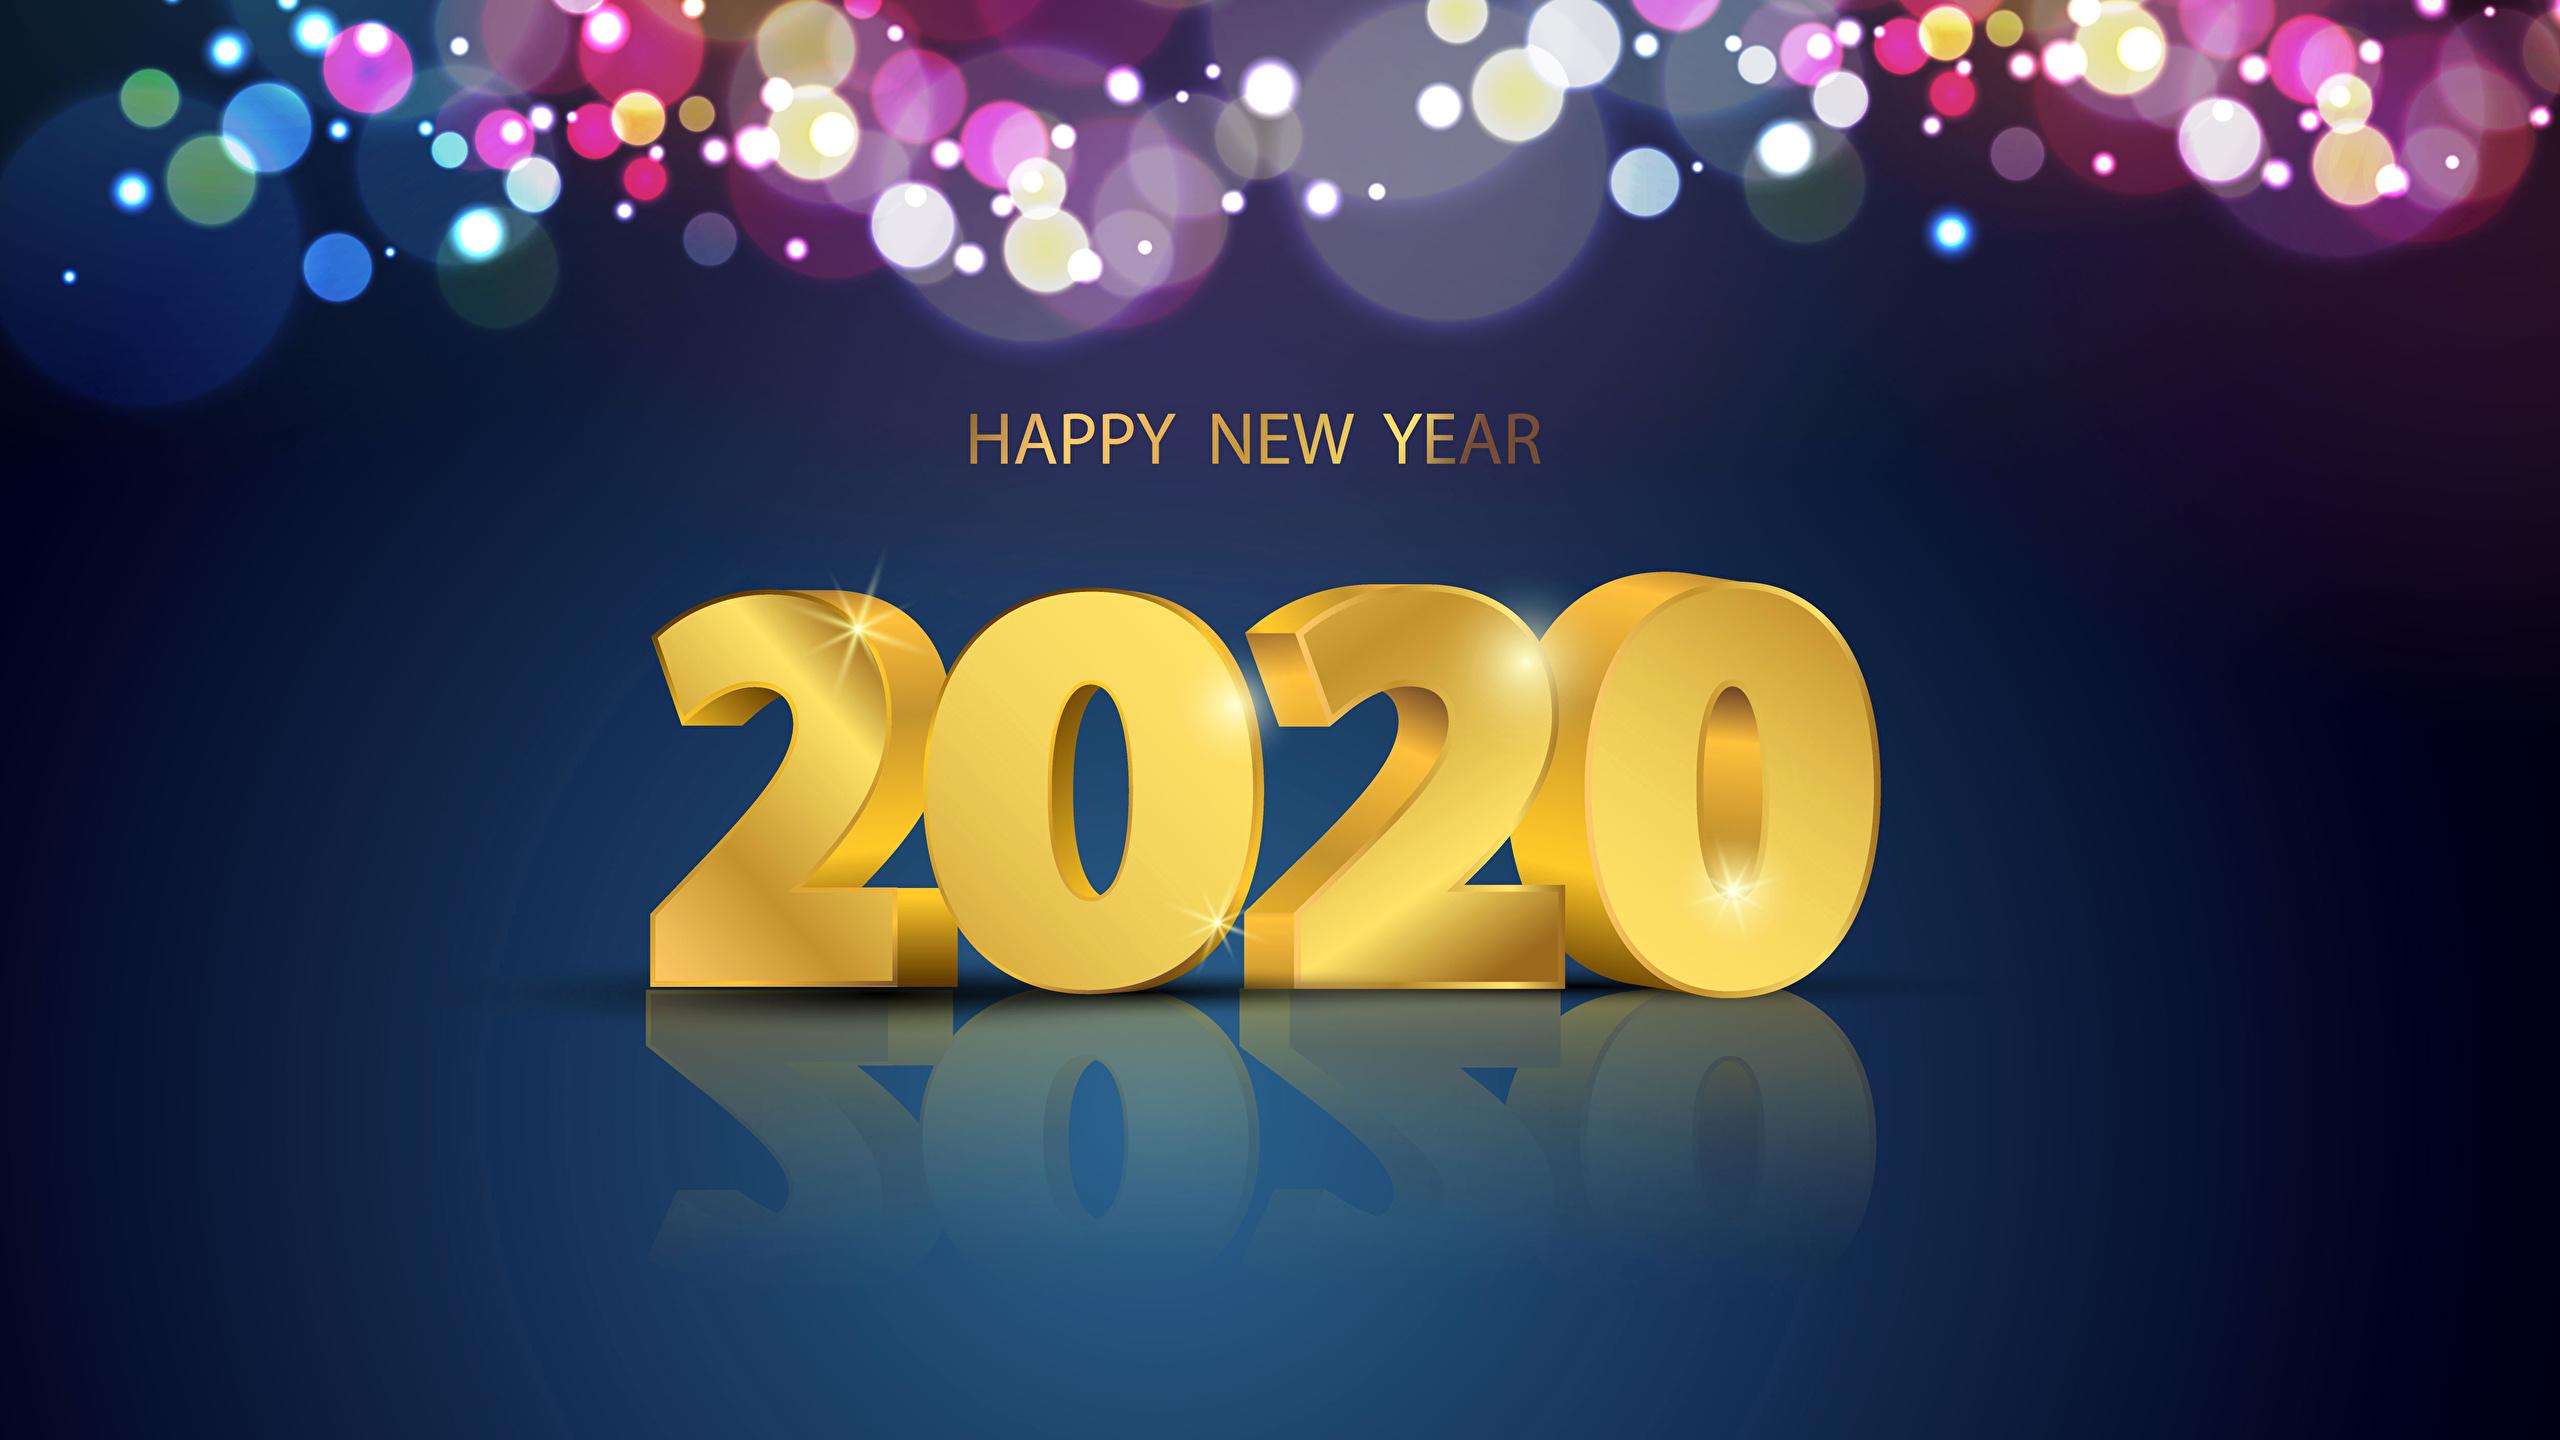 壁紙 2560x1440 新年 単語 2020 英語 ダウンロード 写真